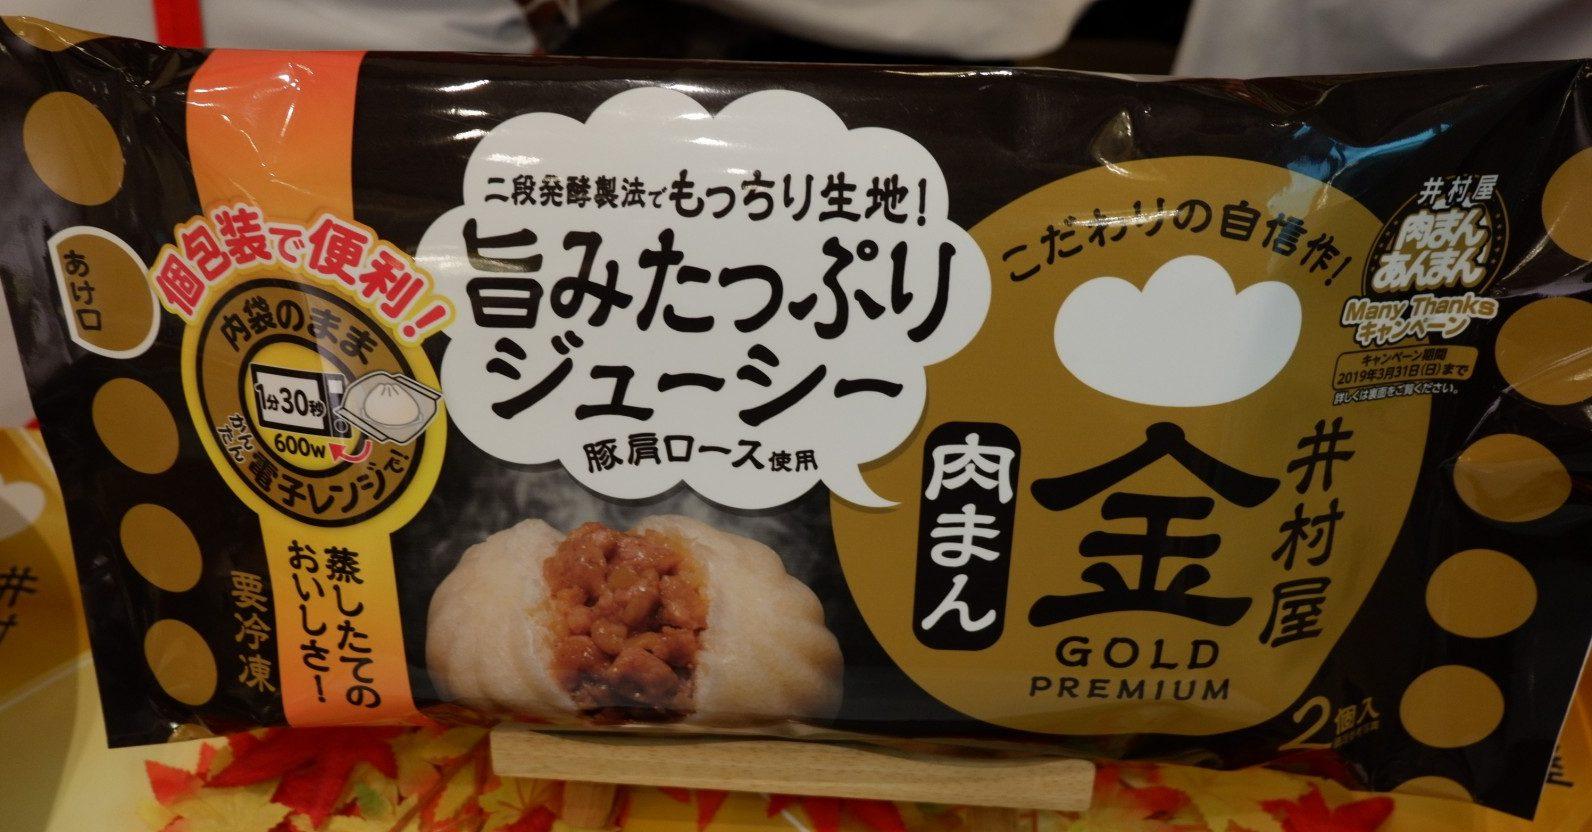 より美味しく便利になっている井村屋「ゴールド肉まん」♡